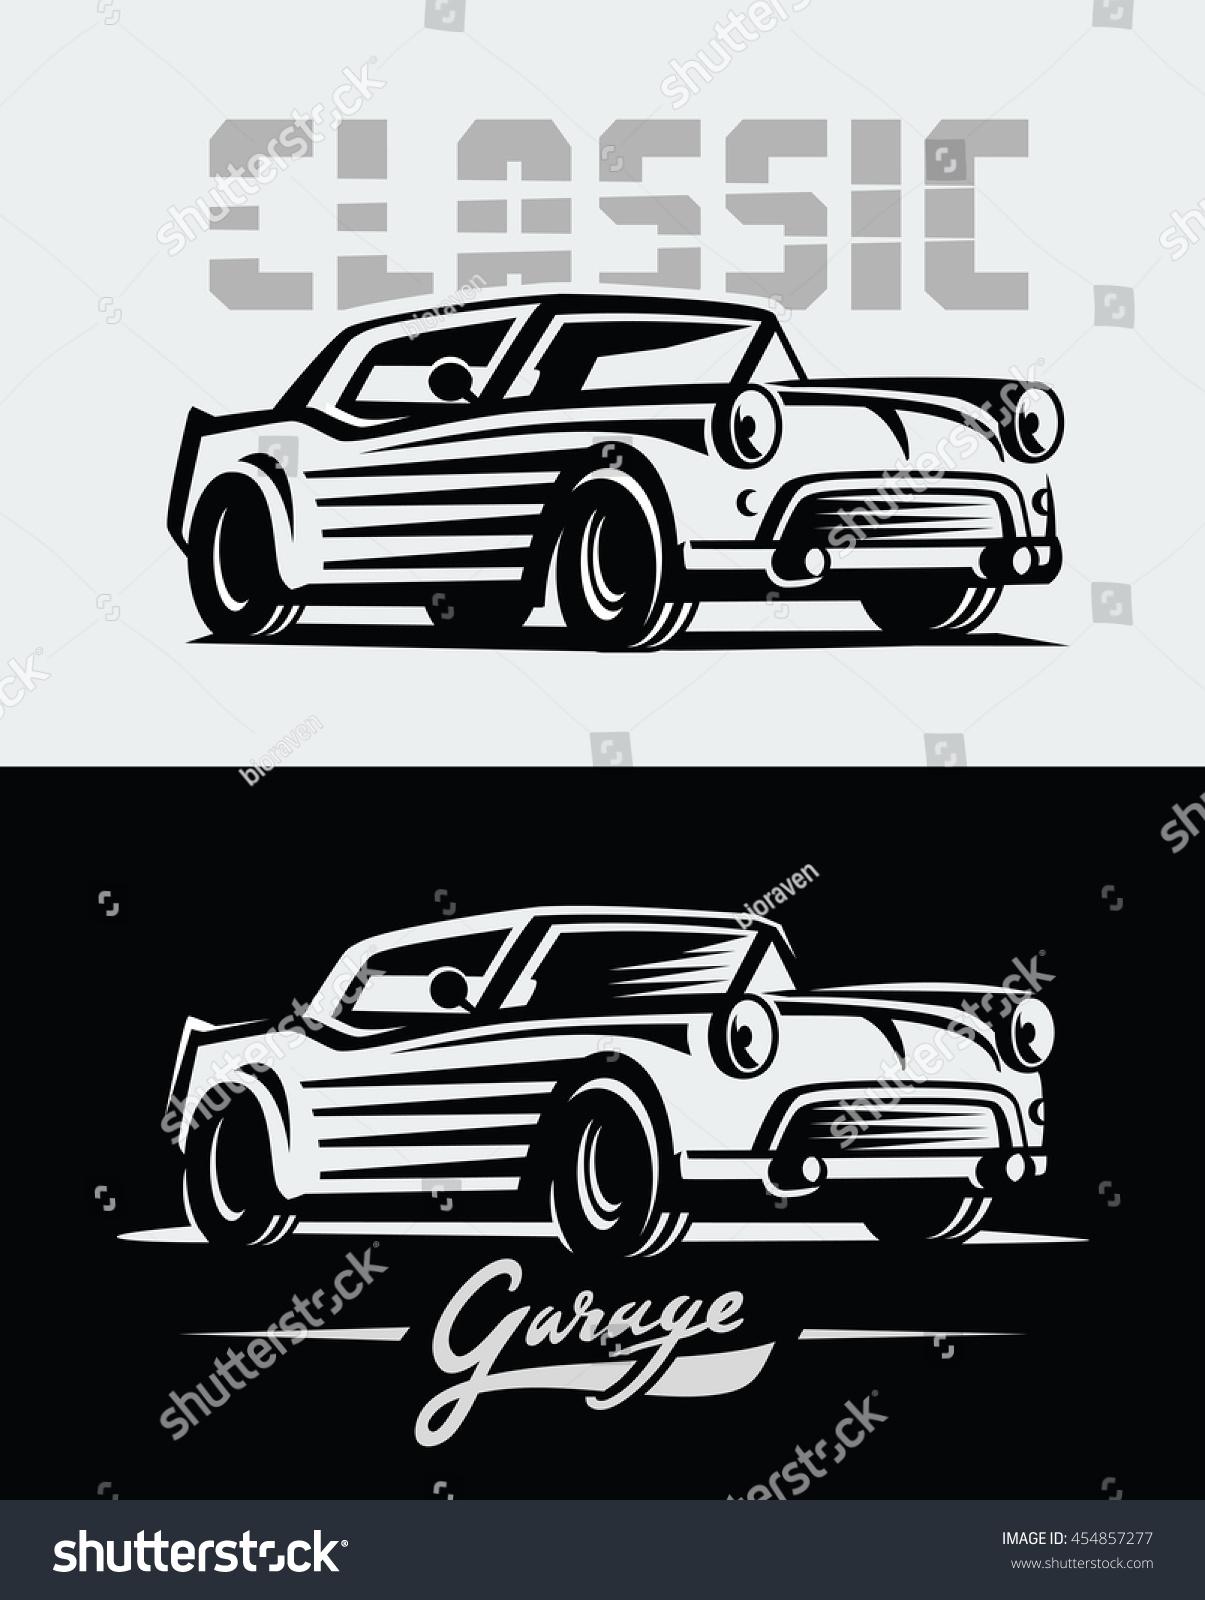 Design car emblem - Vector Illustration Of A Retro Cars Emblem